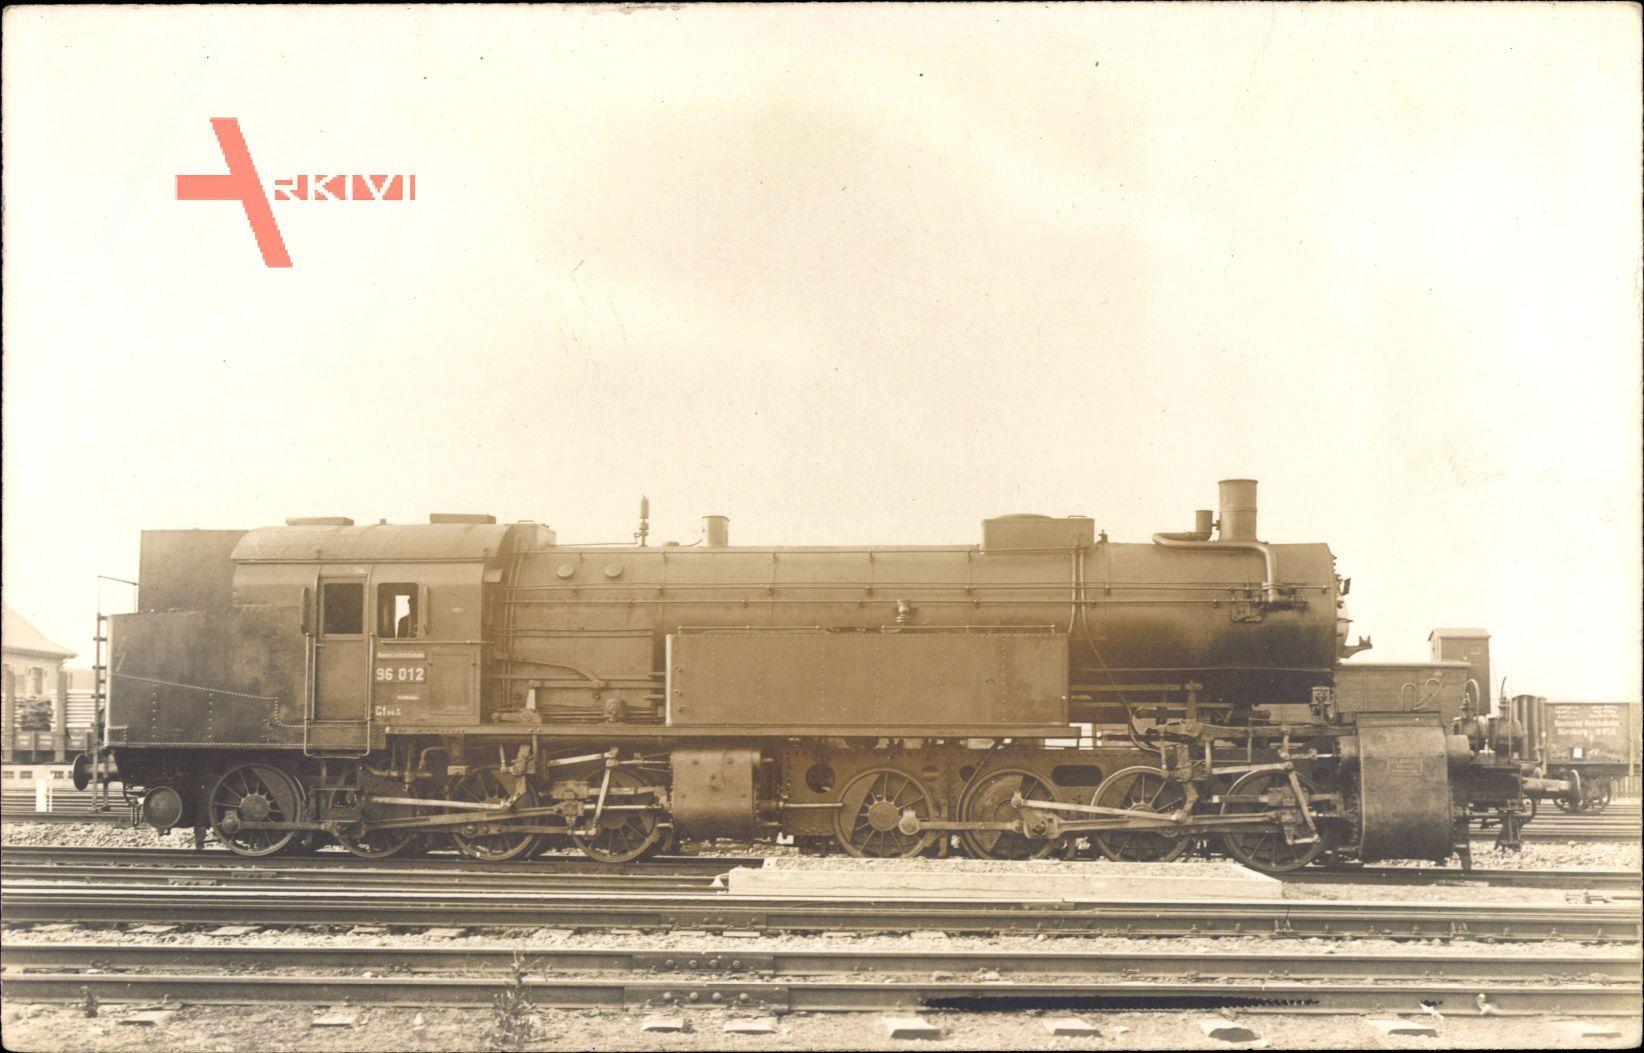 Deutsche Eisenbahn, Lokomotive, Nr 96 012